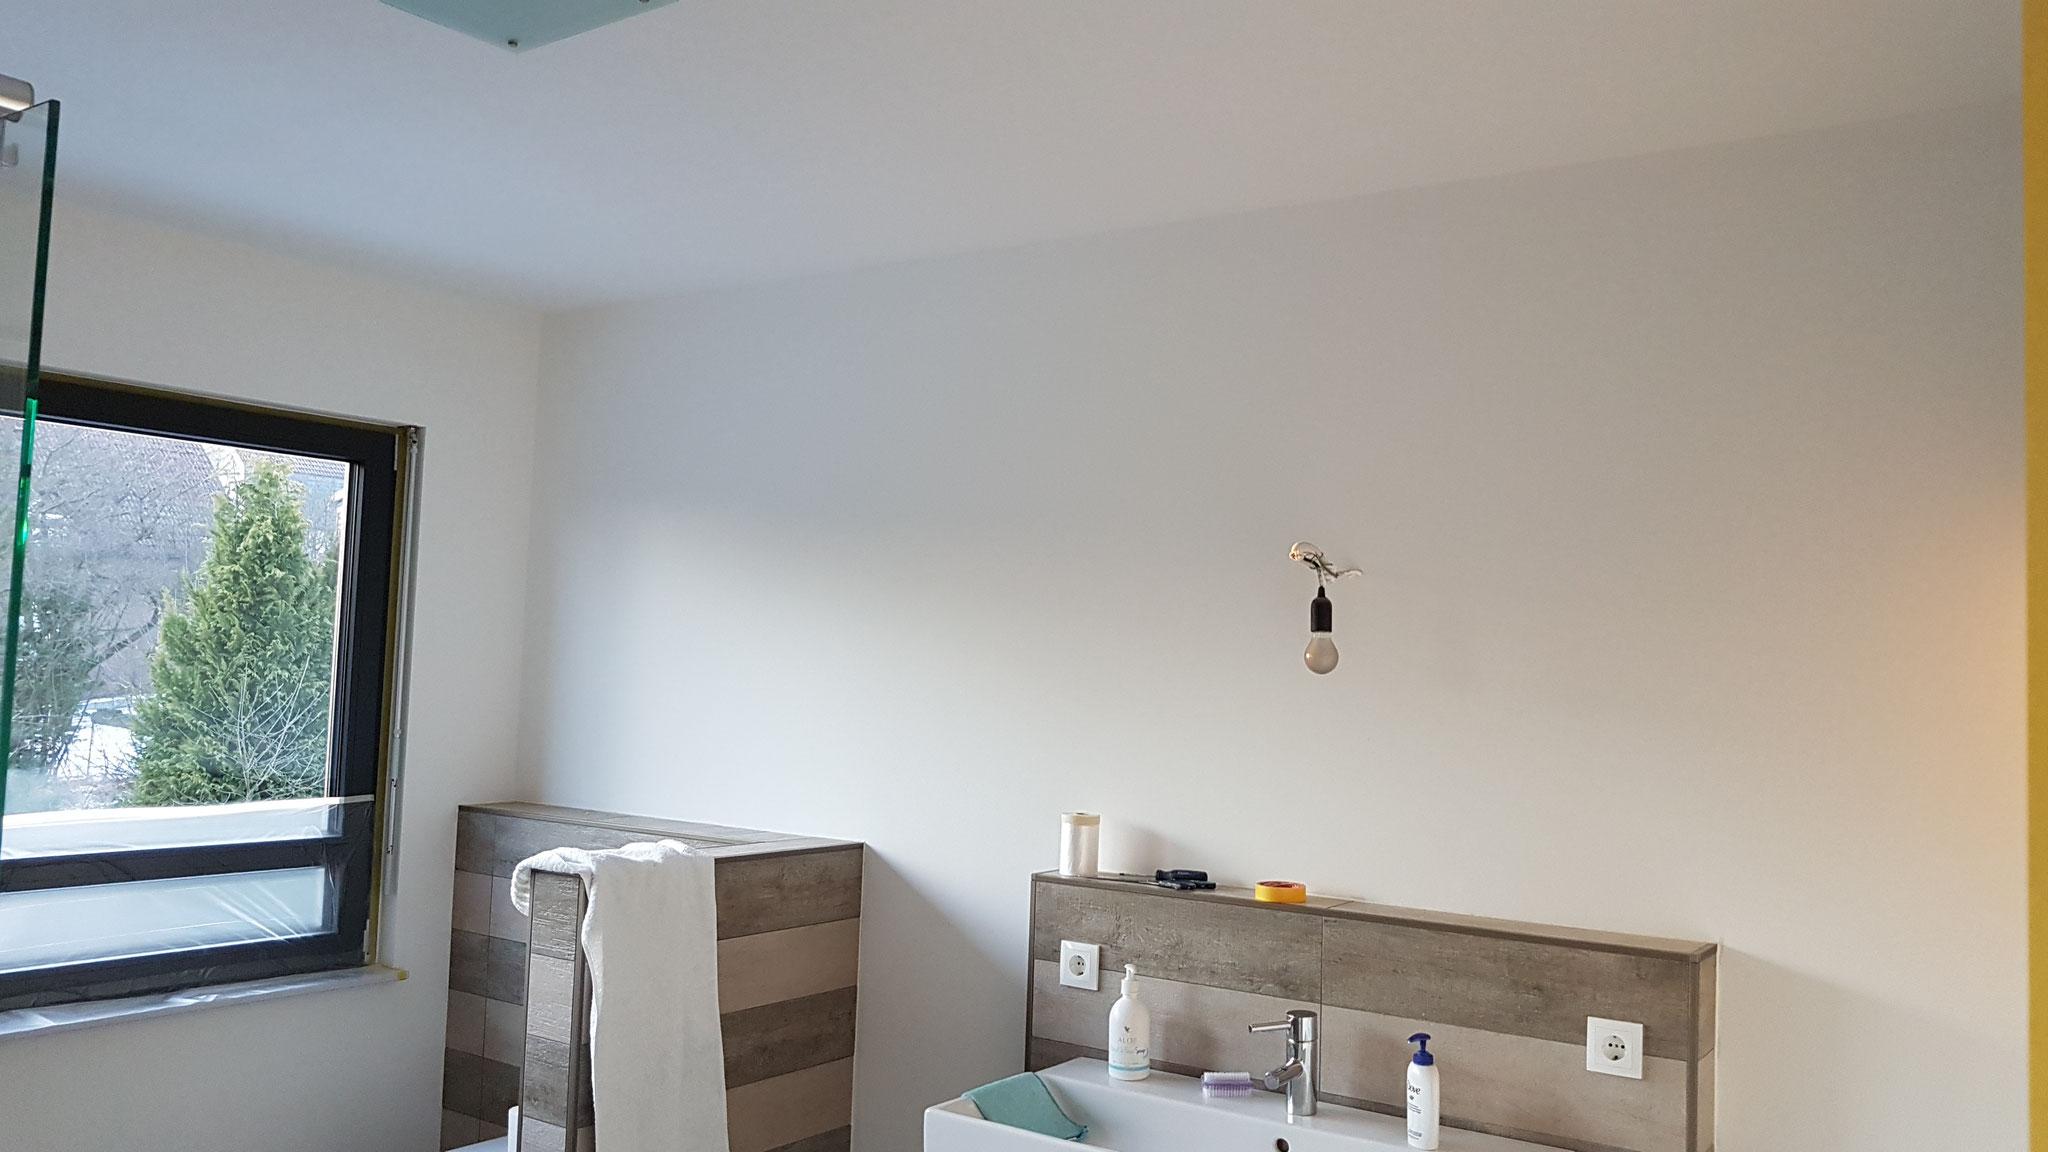 Badezimmer vor dem neuen Anstrich.